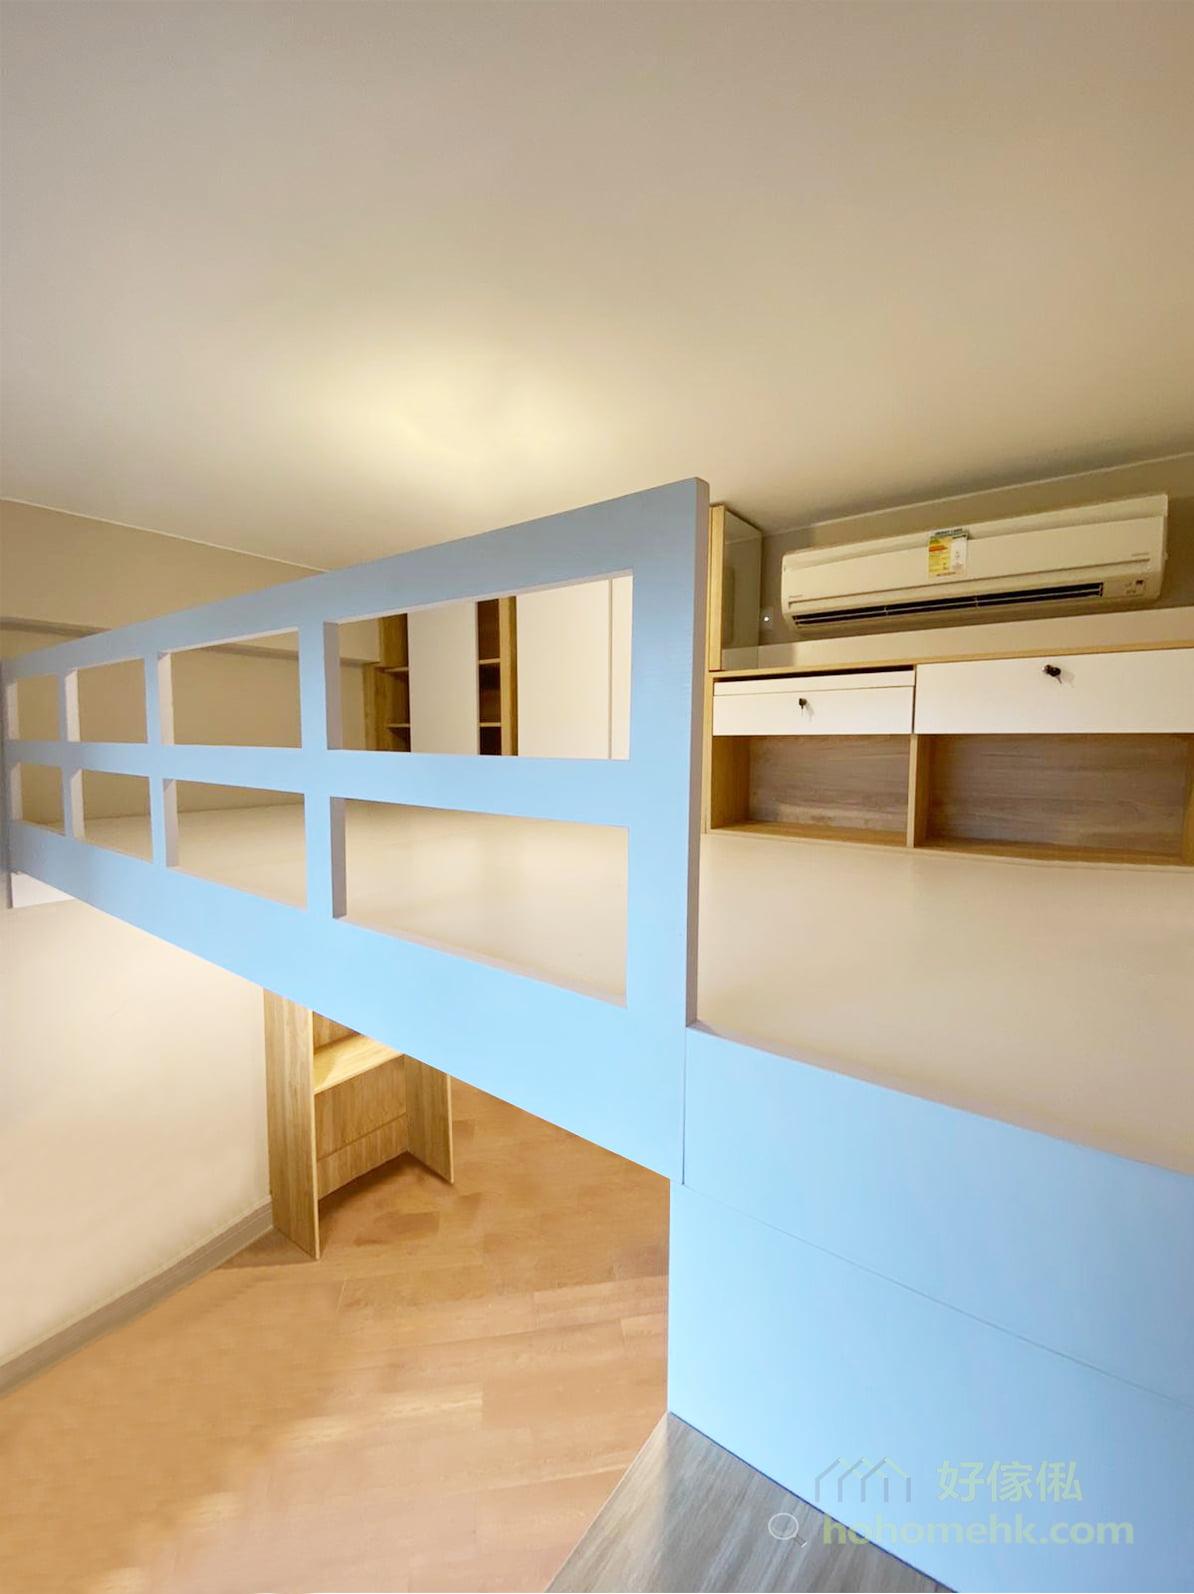 客廳閣樓將動態與靜態活動空間分開,同時保留最佳的採光面